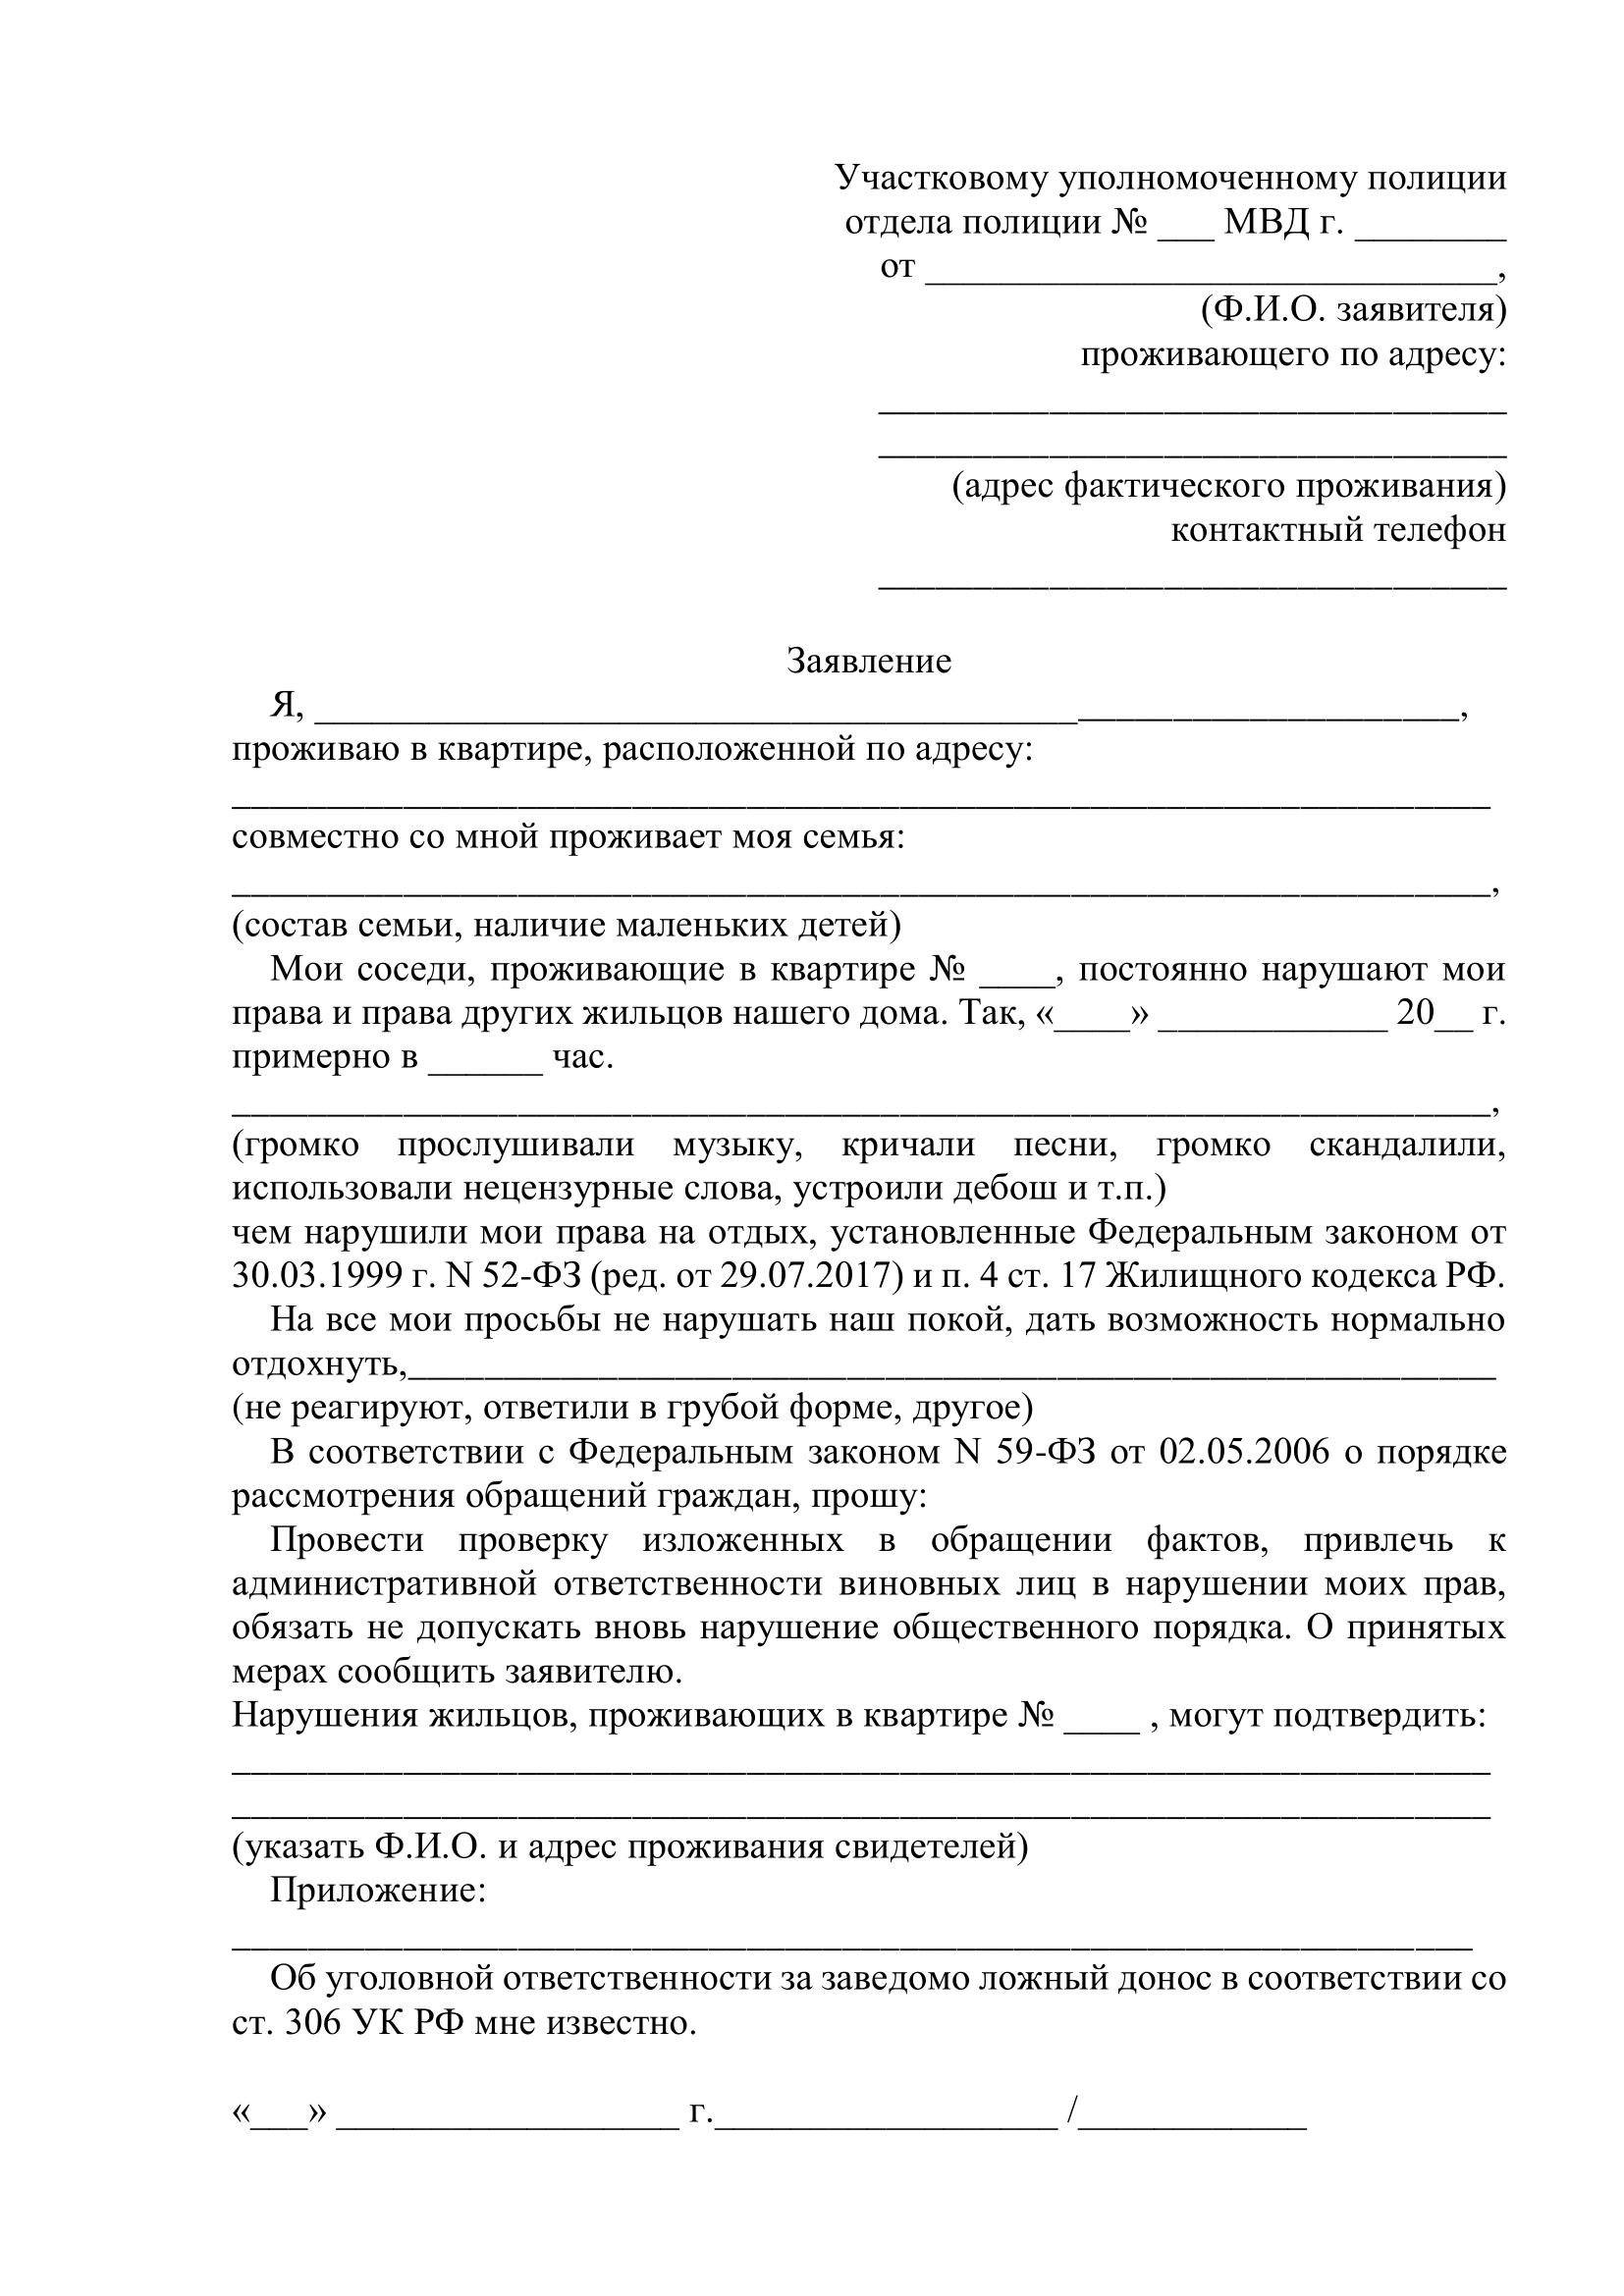 Заявление участковому на шум соседей